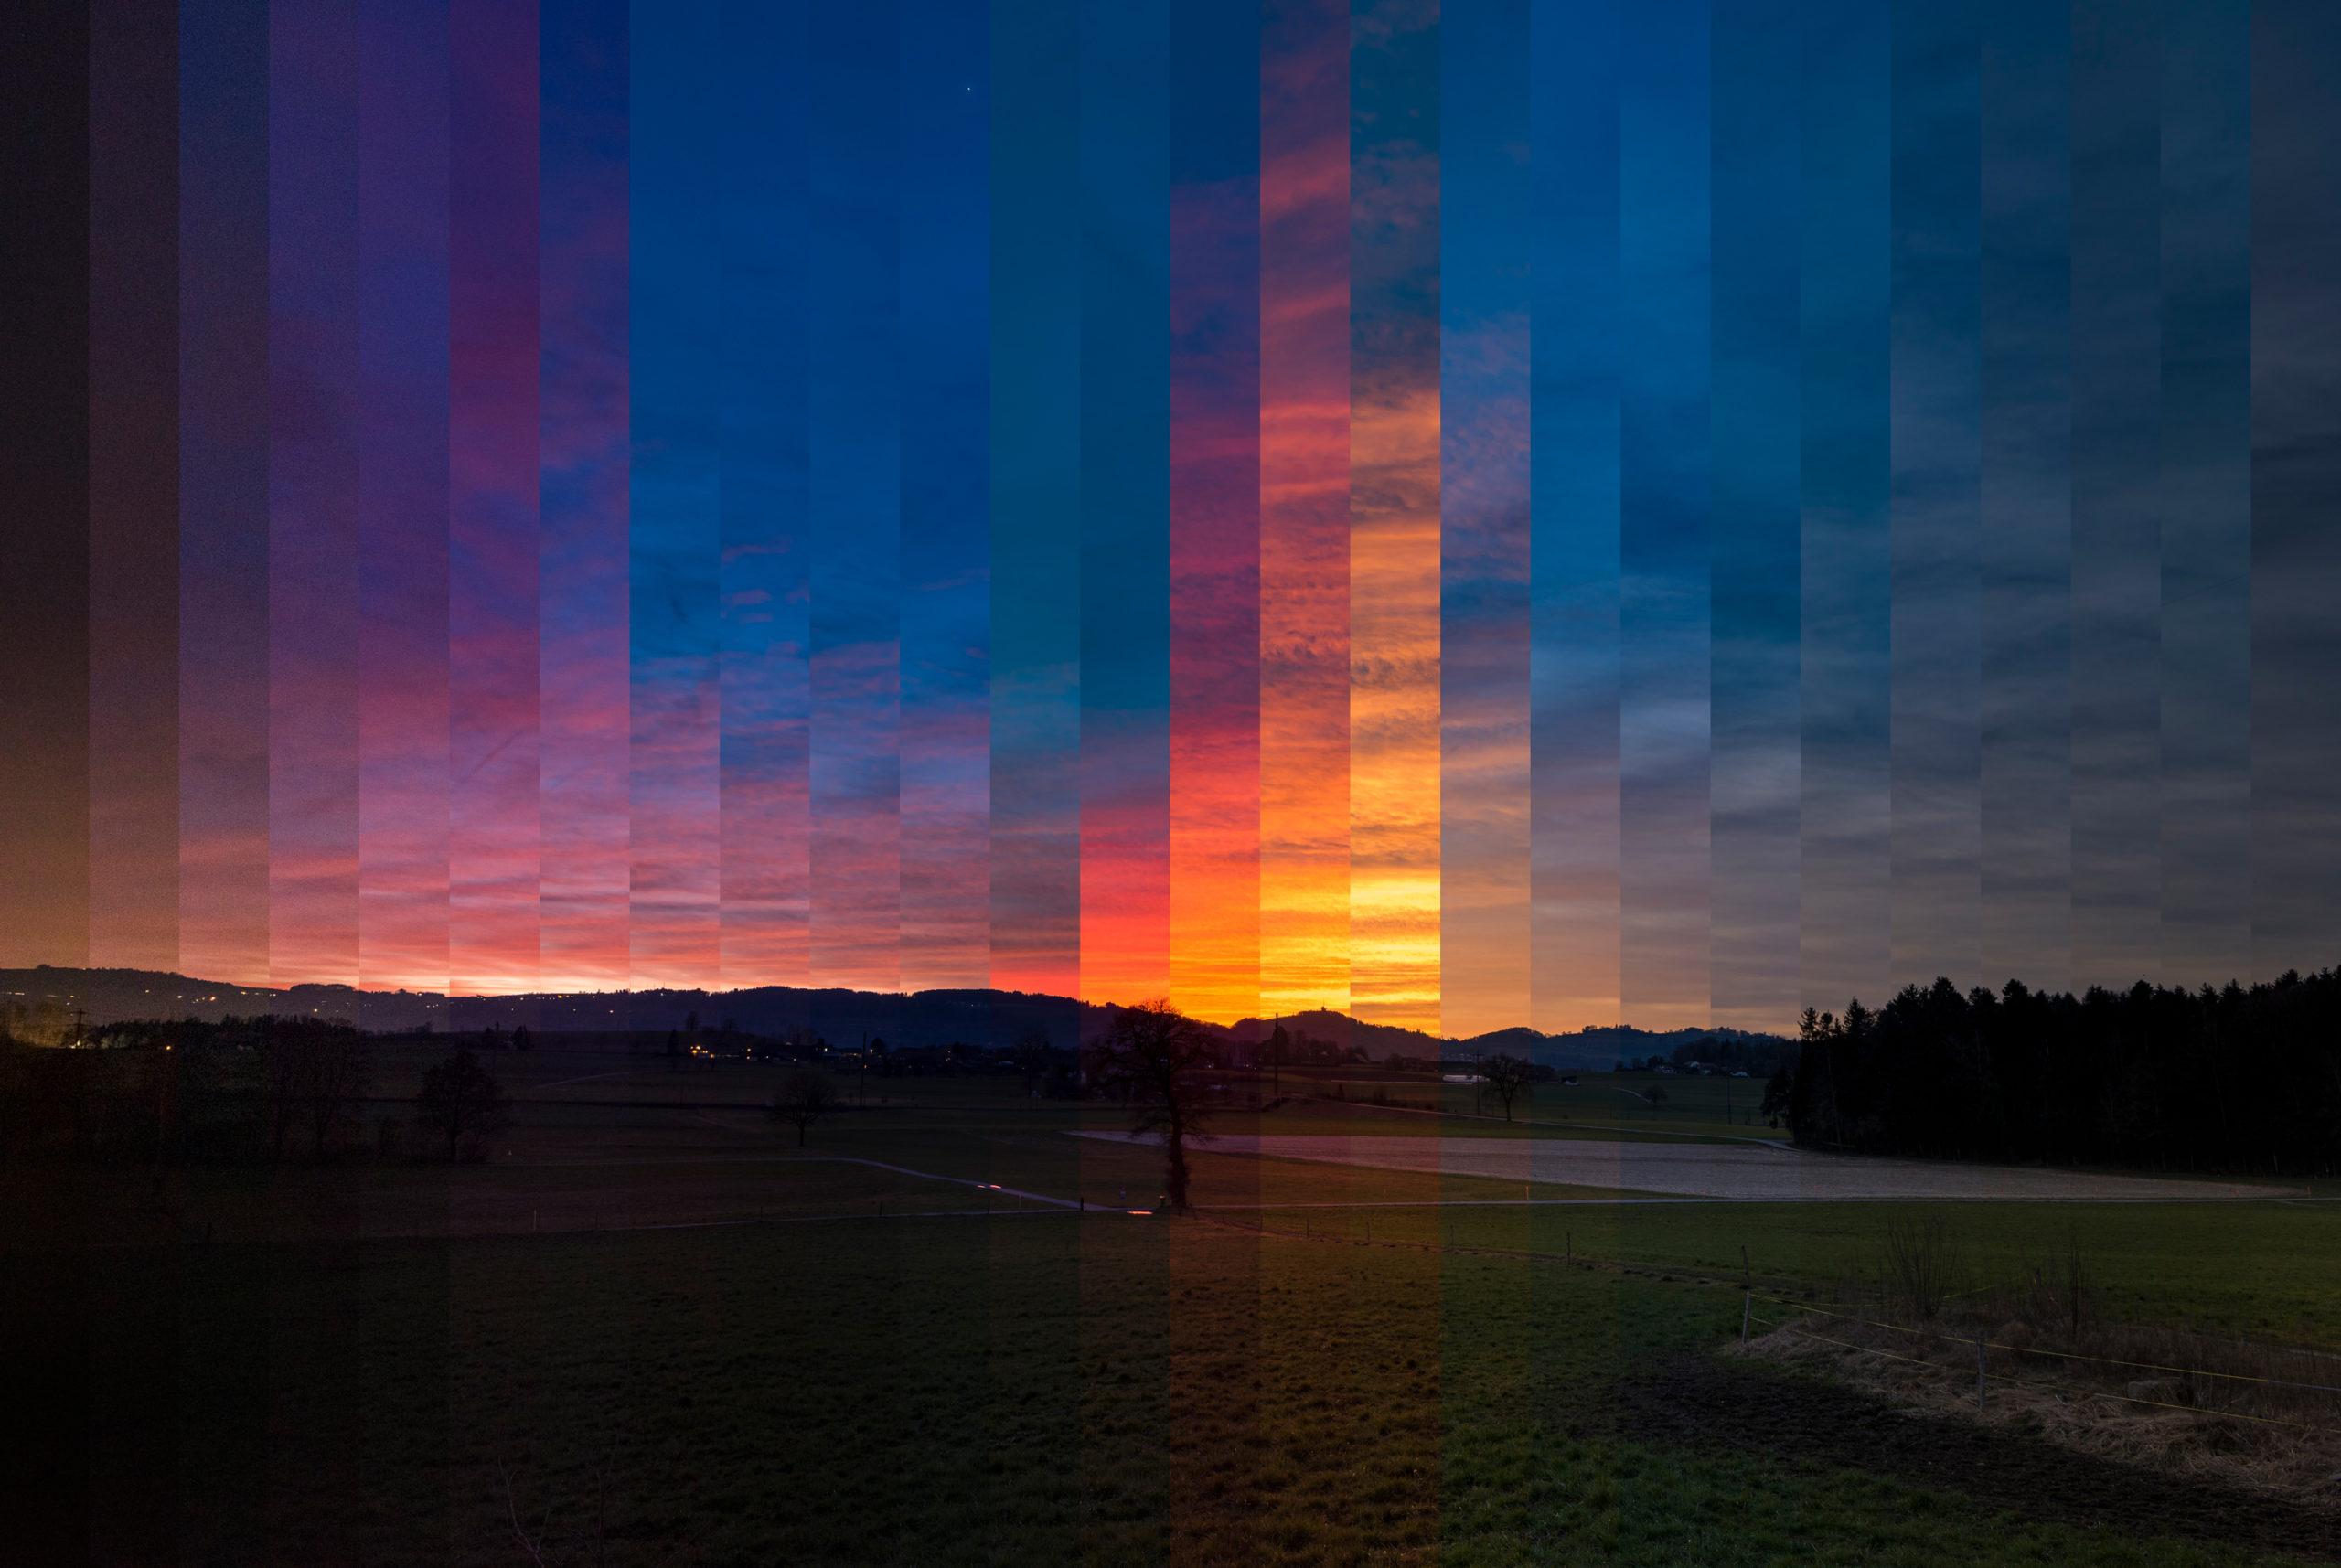 Square Full-Image